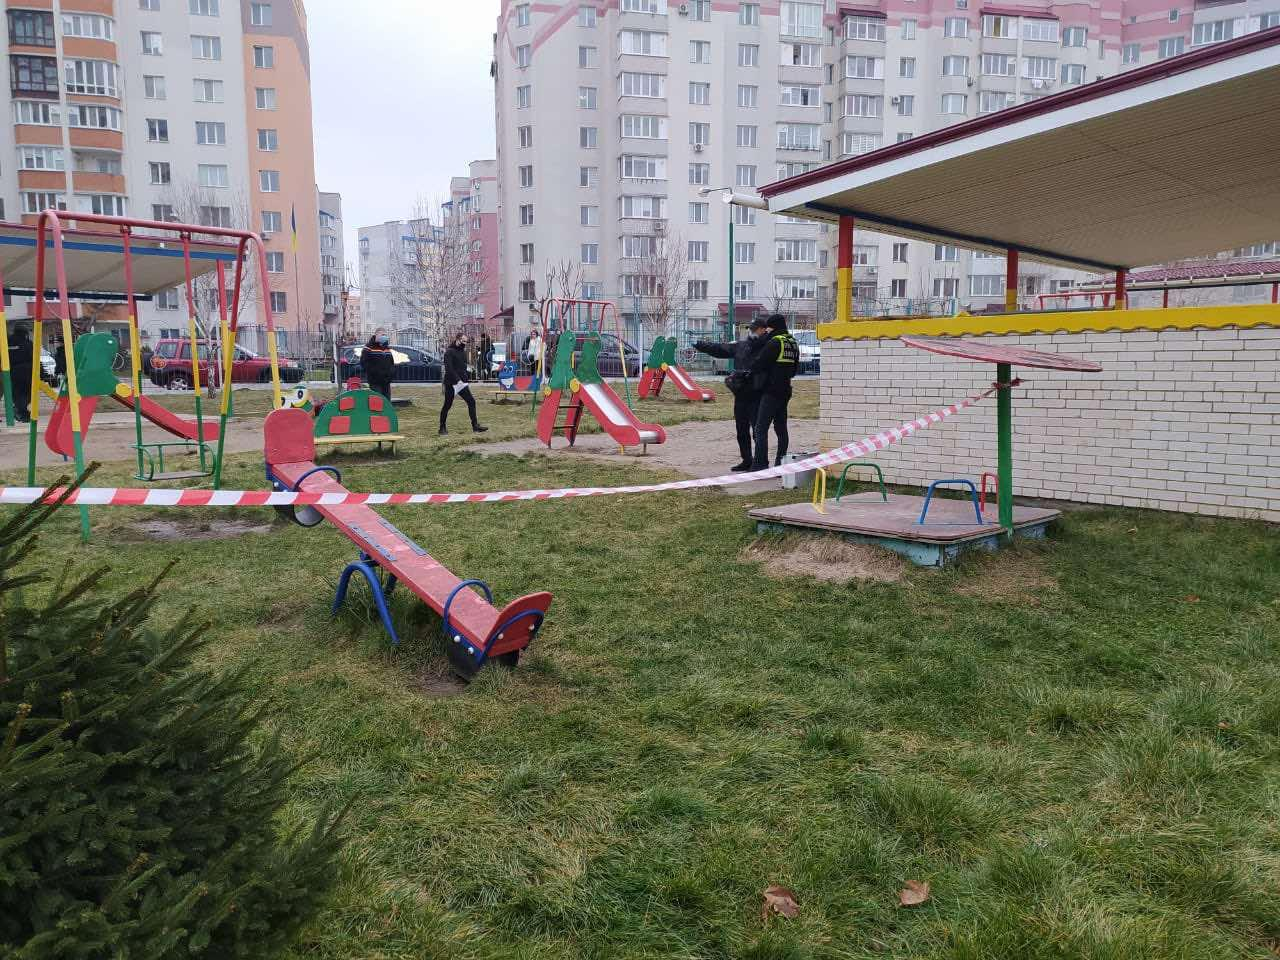 Вибух на дитячому майданчику у Вінниці: деталі інциденту (Фото+Відео)